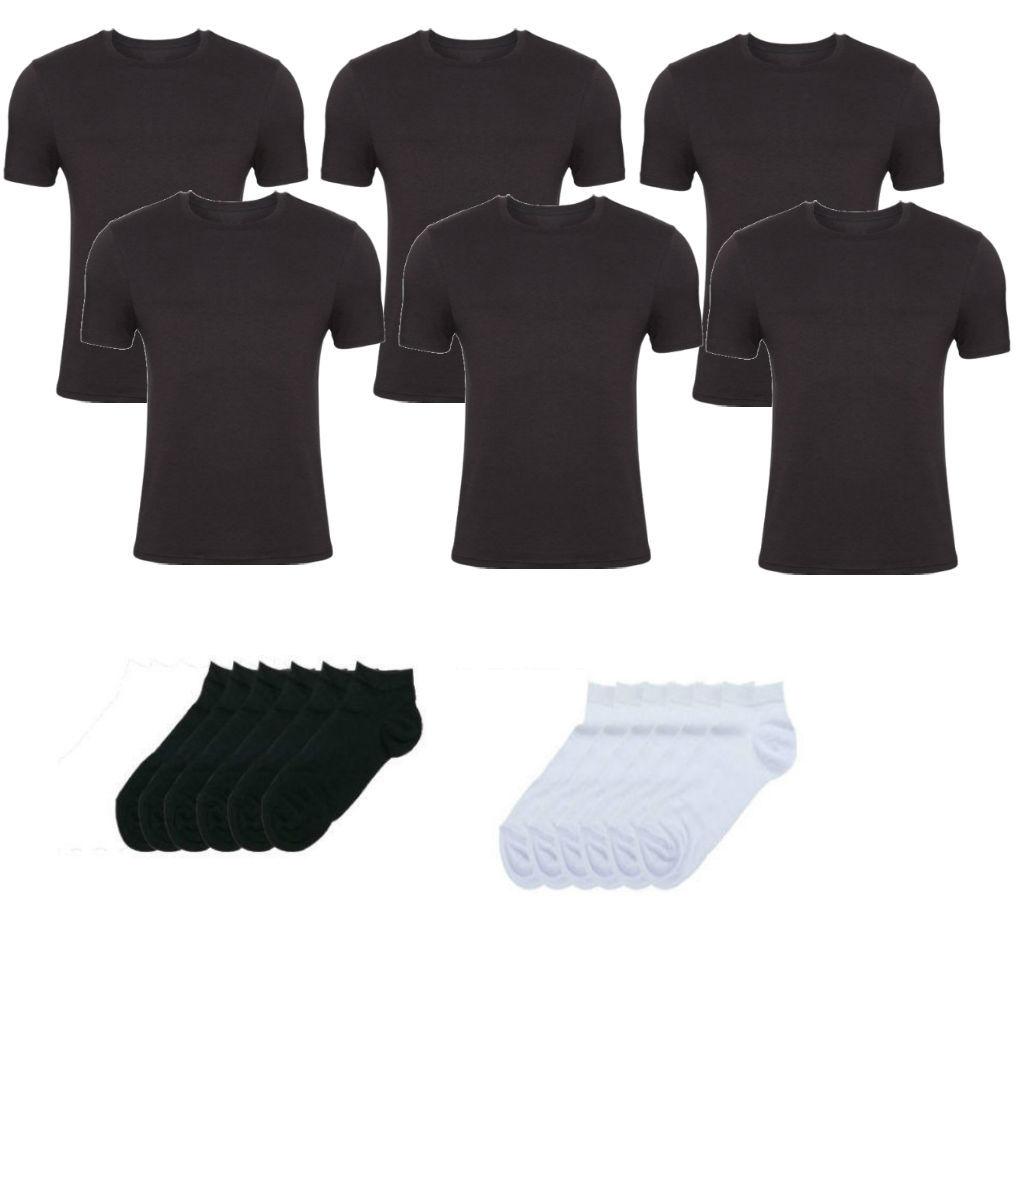 Πακέτο ανδρικές μαύρες κοντομάνικες φανέλες 6 τεμάχια με 3 ζεύγη κοφτές κάλτσες σε λευκό & 3 ζεύγη σε μαύρο